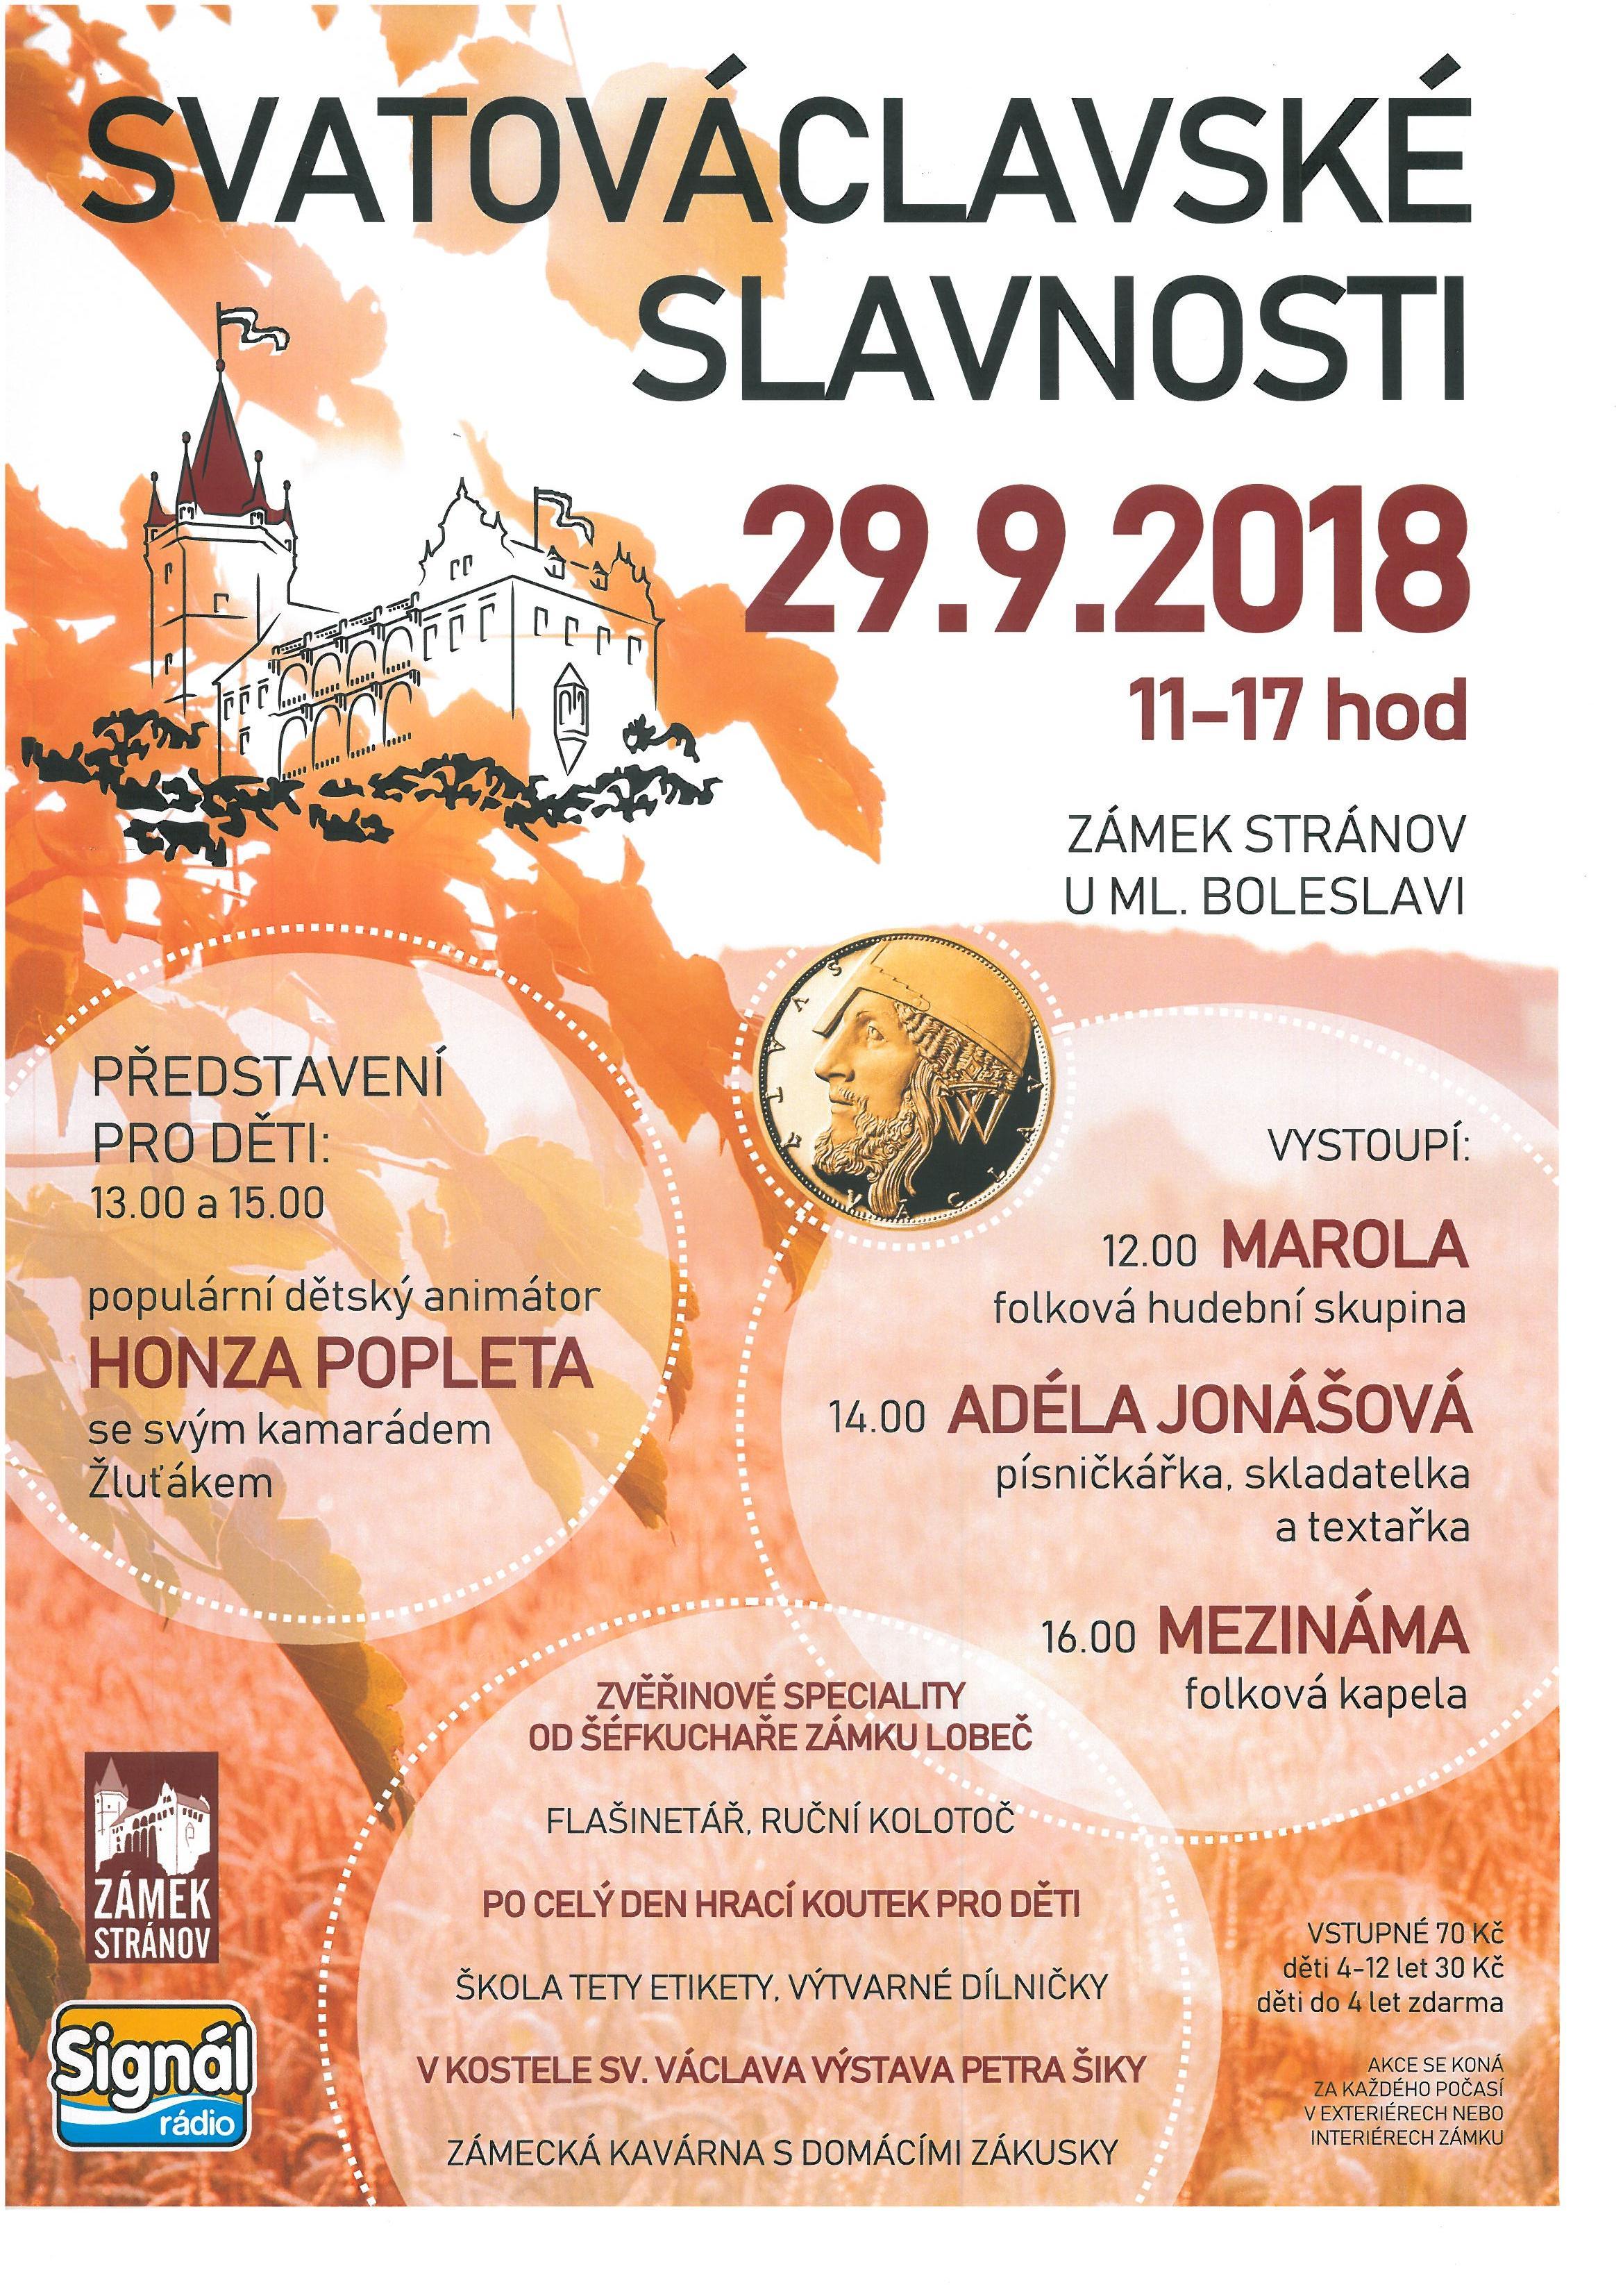 imager Svatováclavské slavnosti na zámku Stránov